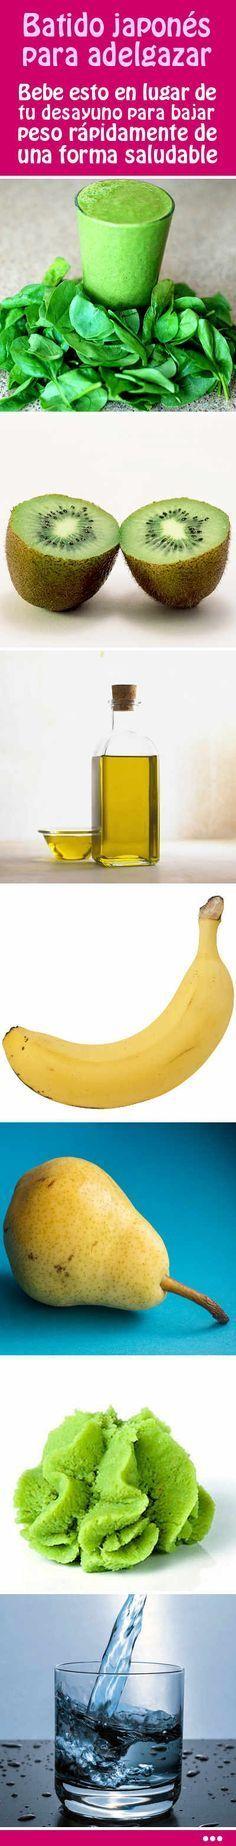 Batido japonés para adelgazar. Bebe esto en lugar de tu desayuno para bajar peso rápidamente de una forma saludable. #batido #japonés #adelgazar #perdida #peso #grasa #abdomenal